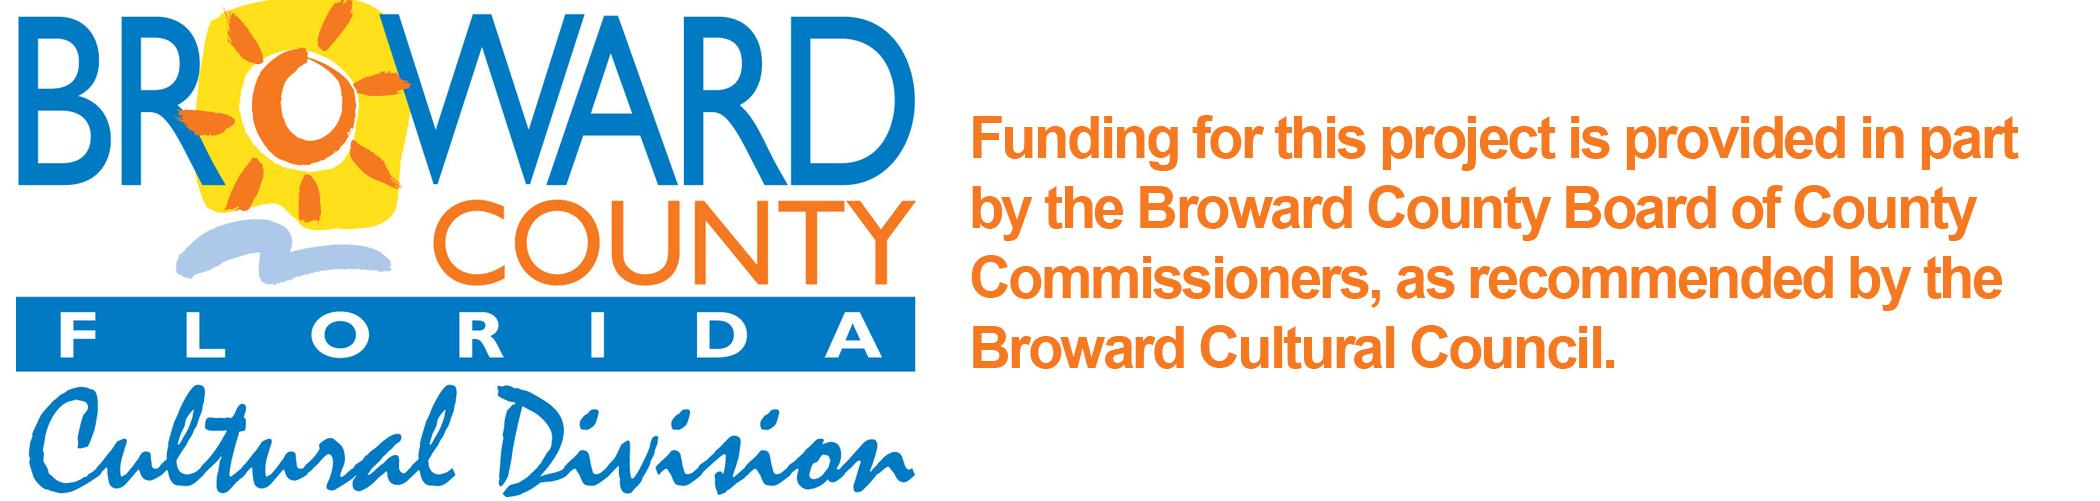 Broward County Cultural Division Logo